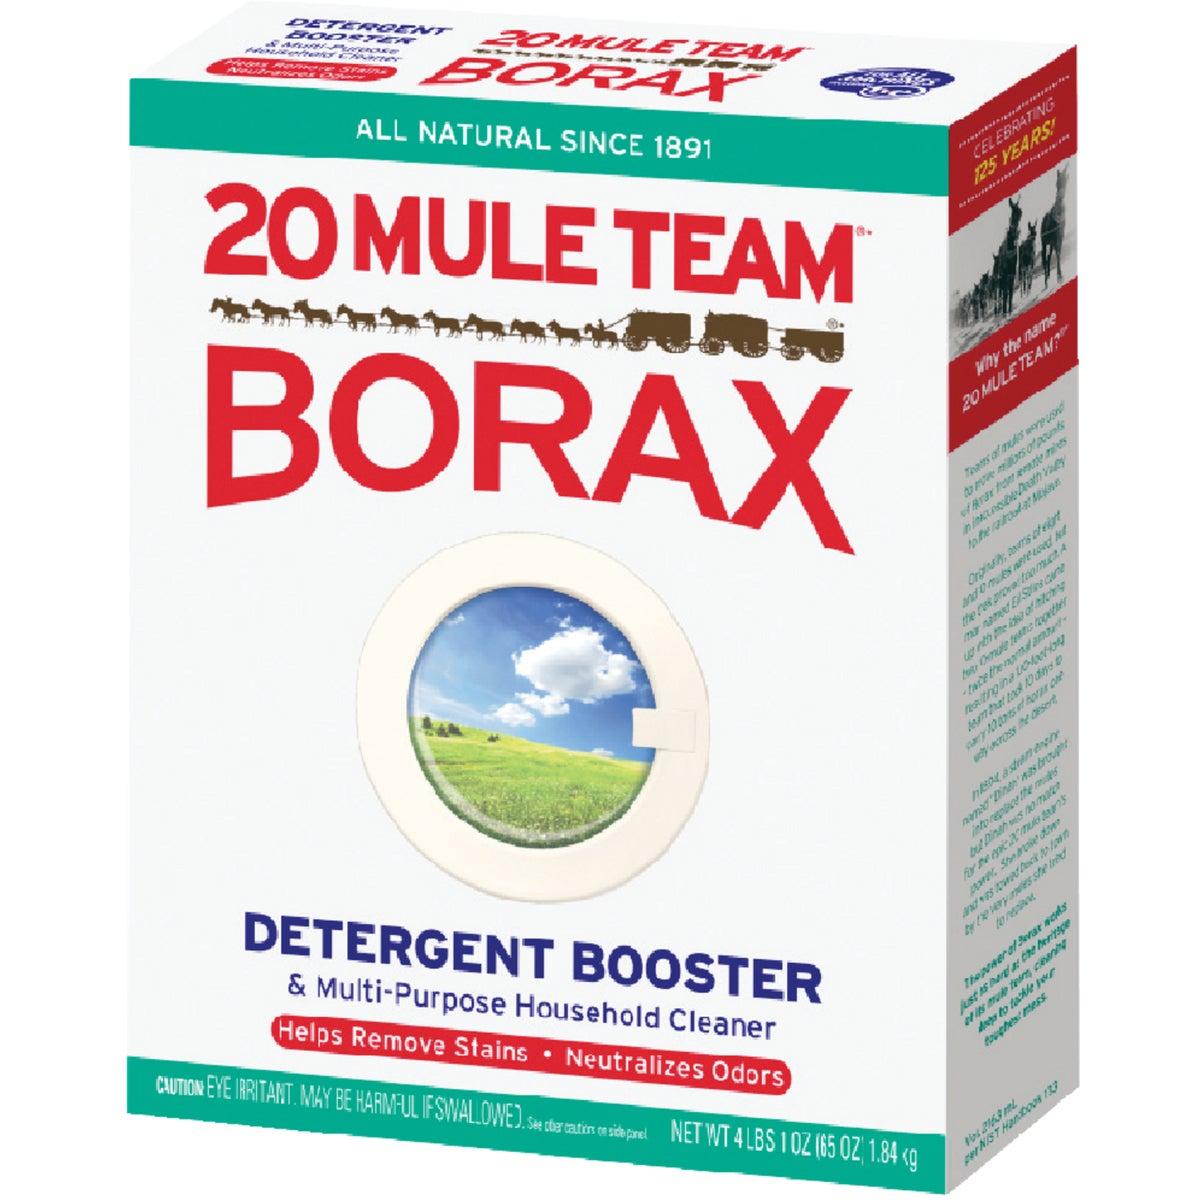 20 Mule-Team Borax